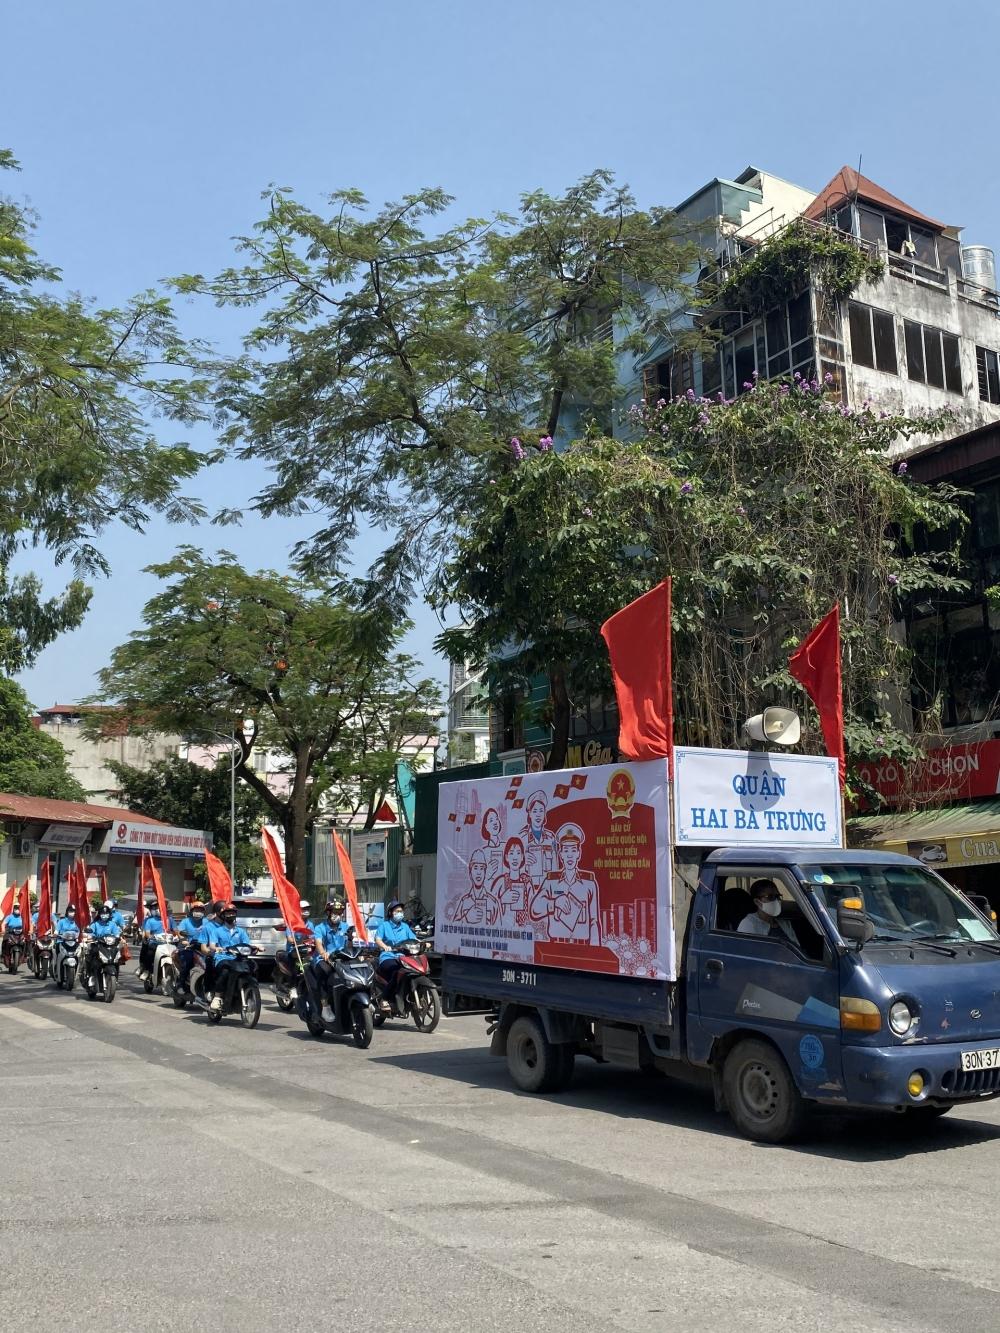 Liên đoàn Lao động quận Hai Bà Trưng tổ chức đoàn xe tuyên truyền Ngày bầu cử - 23/5